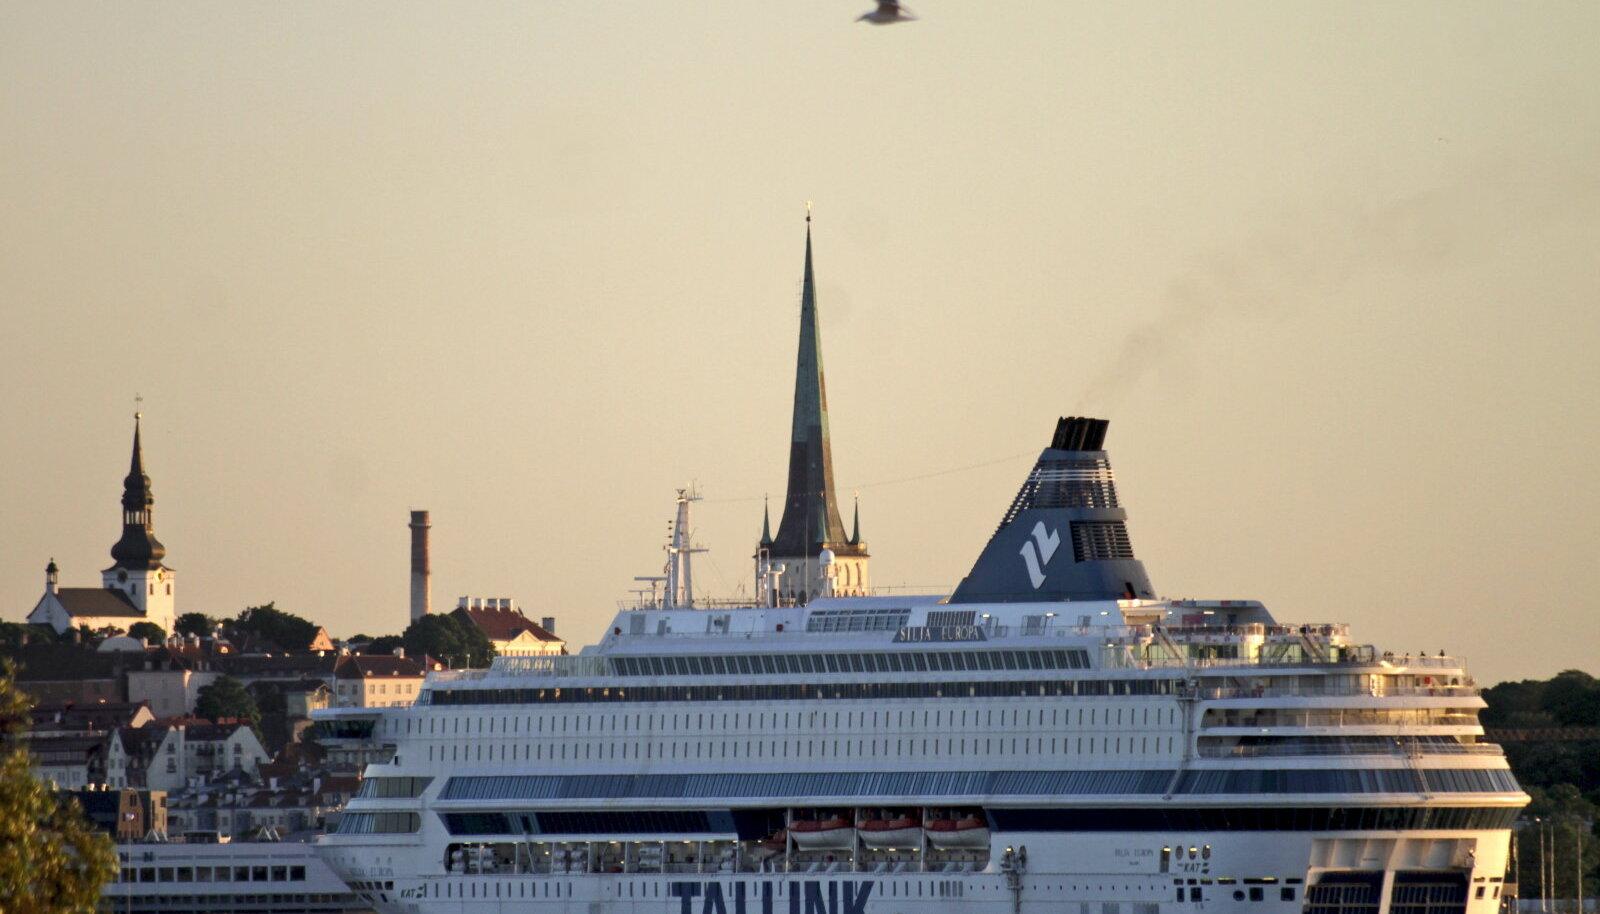 Tallinki laev. Pilt on illustreeriv.